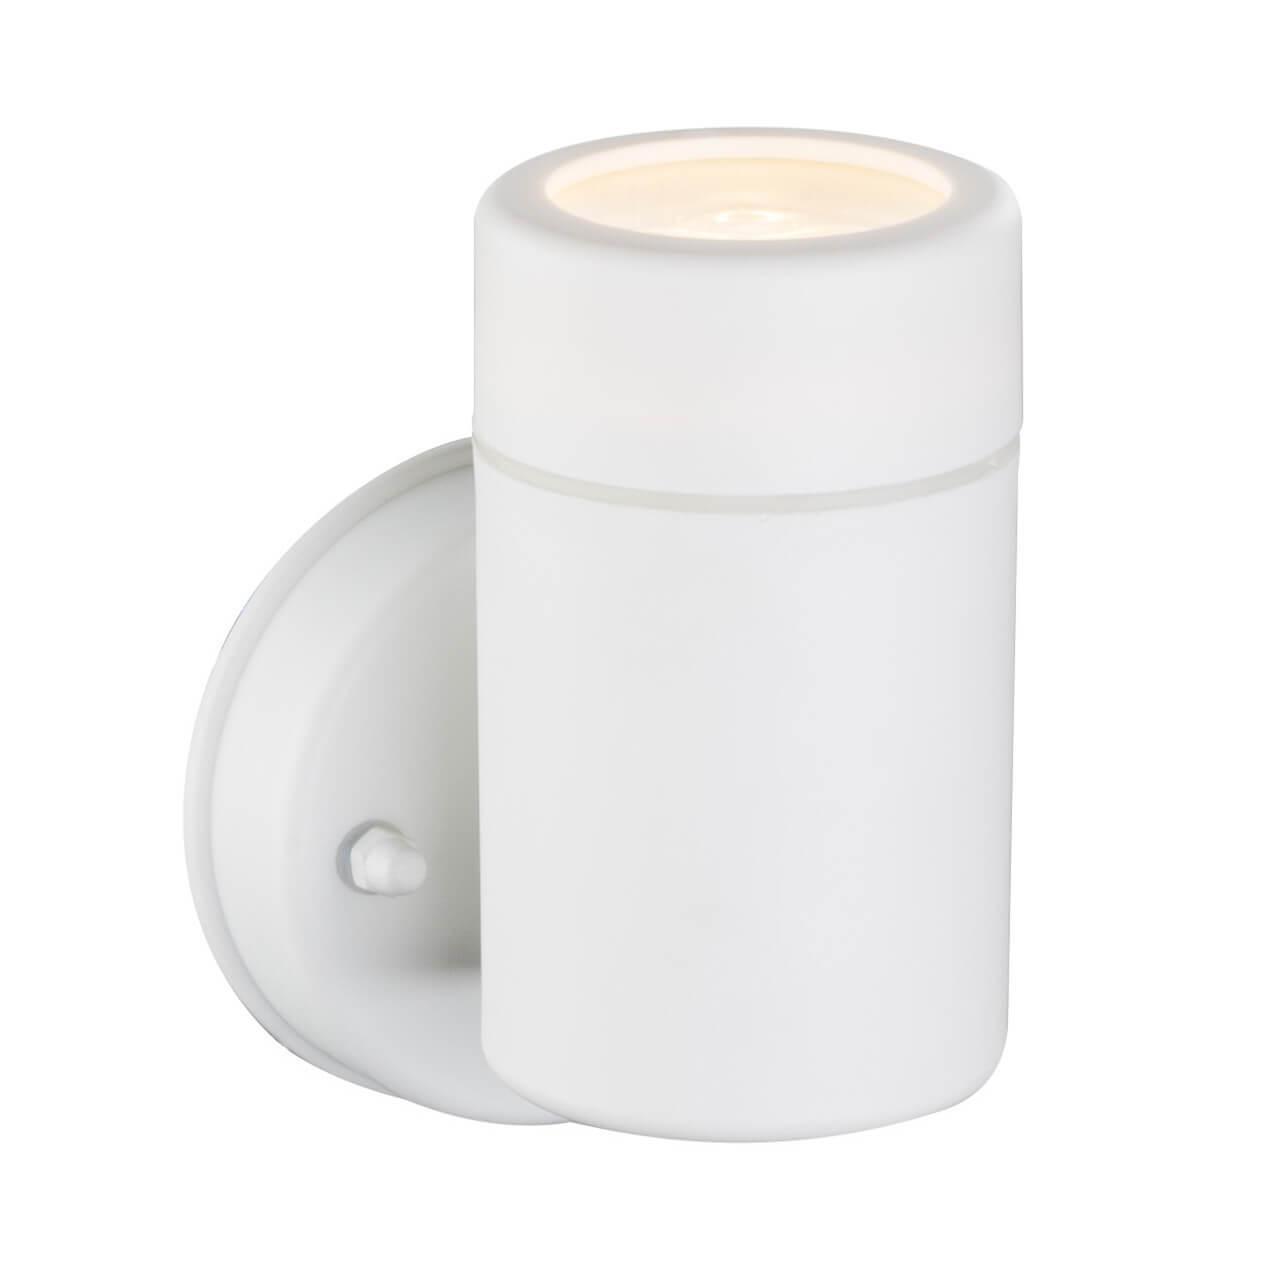 цены Уличный настенный светодиодный светильник Globo Cotopa 32004-1